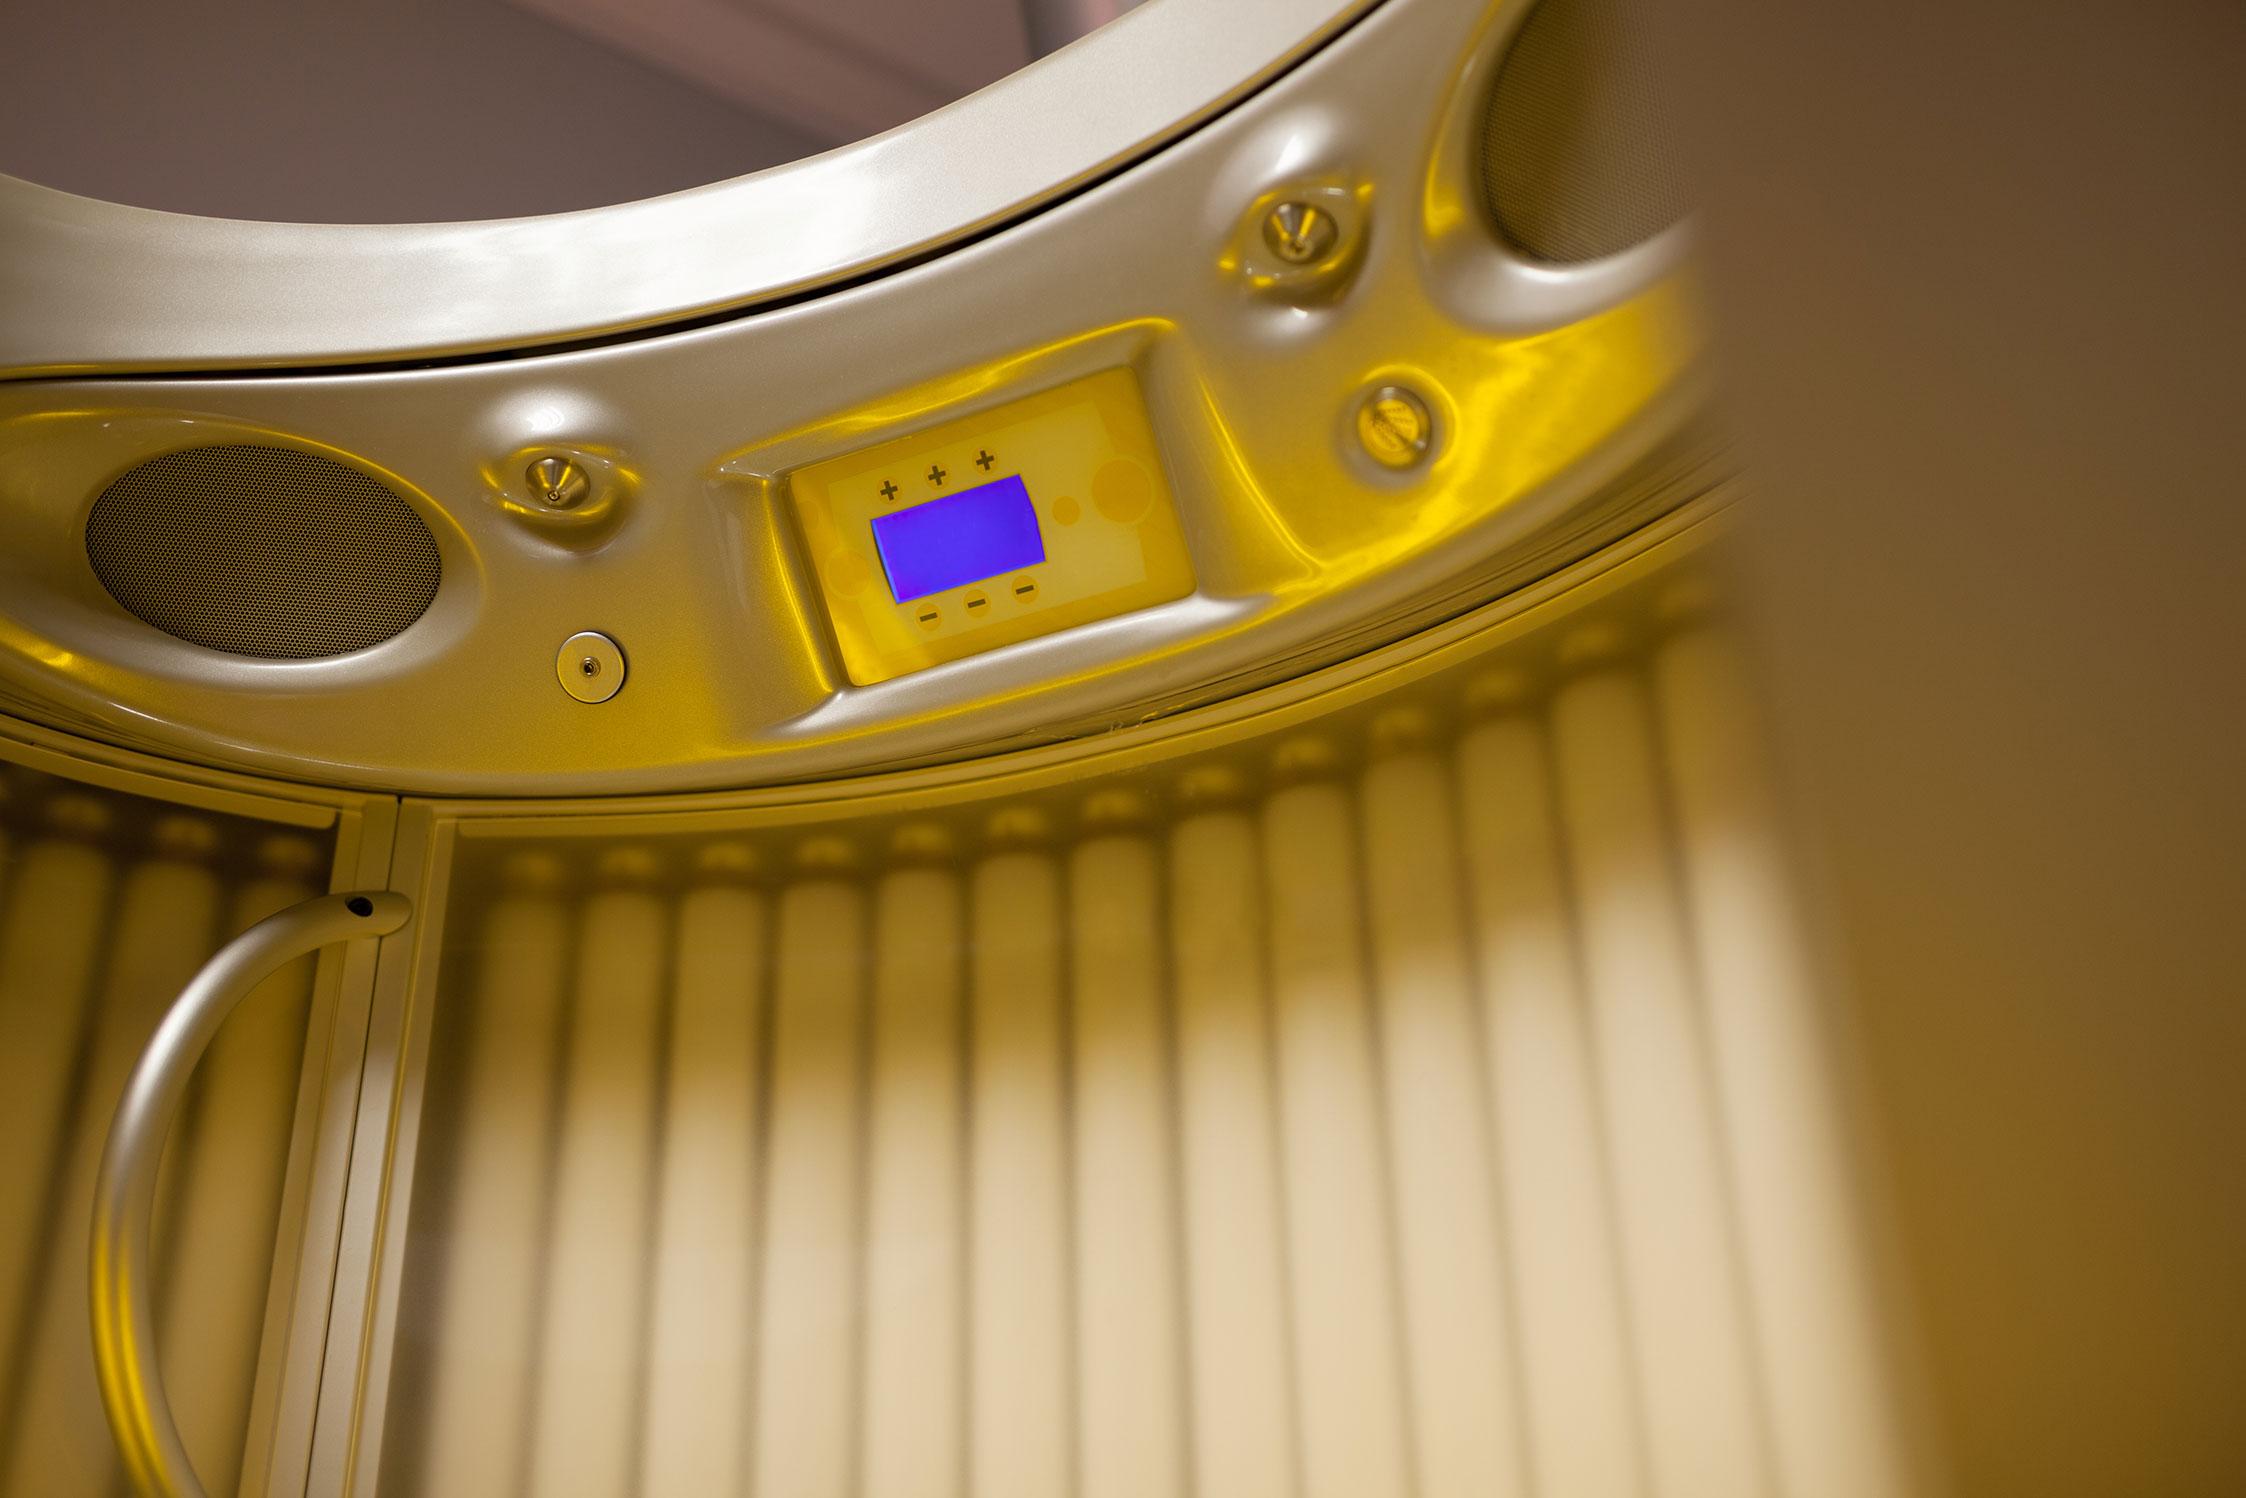 5 claves para un bronceado de rayos UVA con seguridad